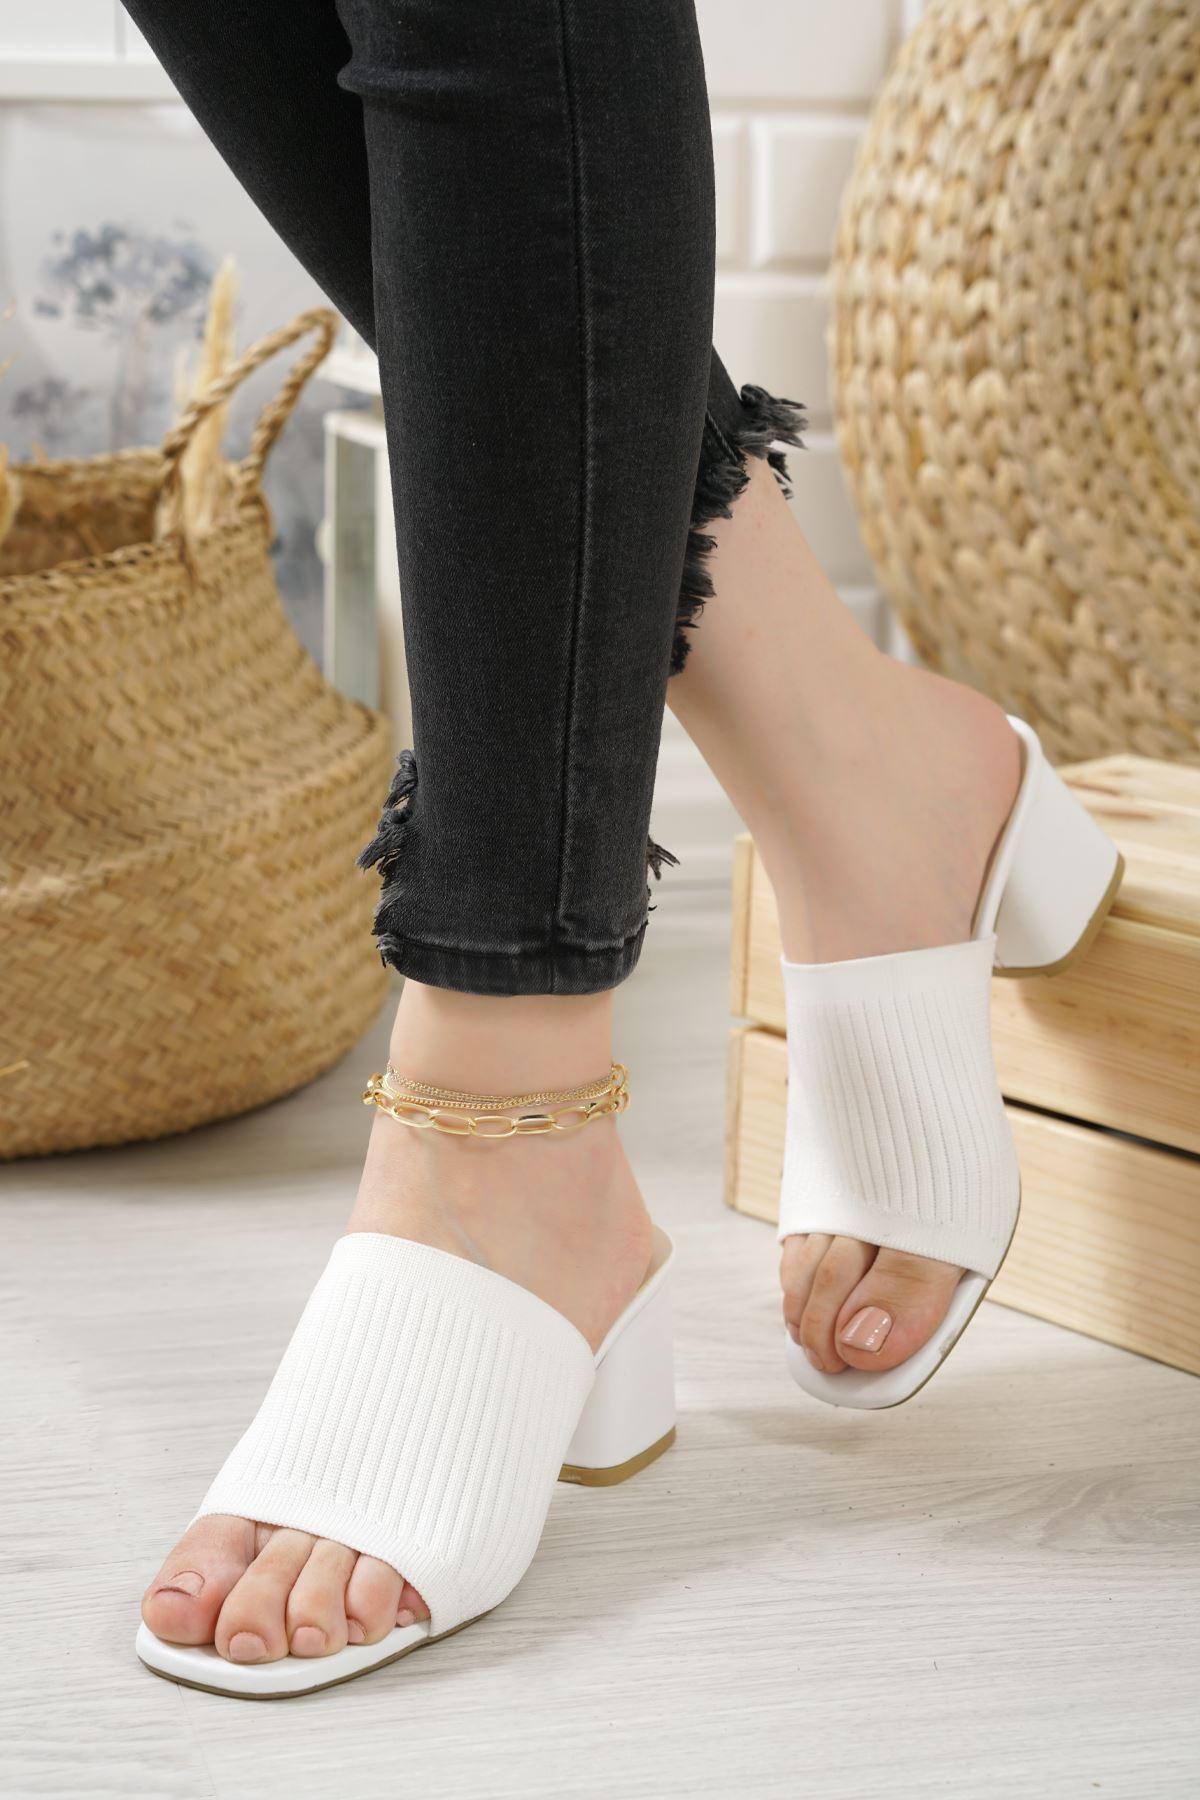 Marcello Beyaz Triko Kadın Topuklu Terlik